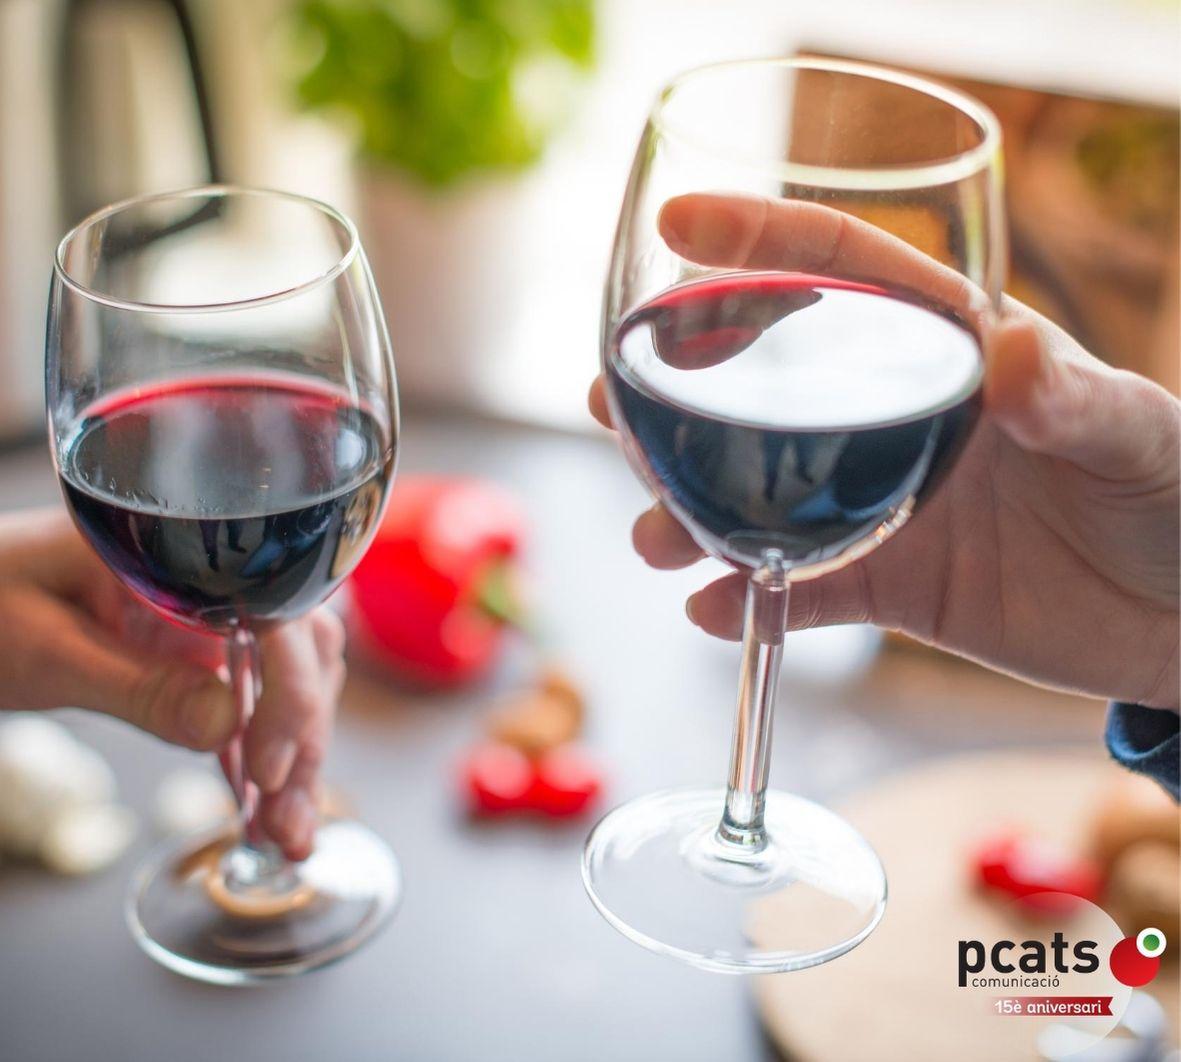 Continua creixent el consum de vi català amb DO a Catalunya amb una quota de mercat del 41,3%